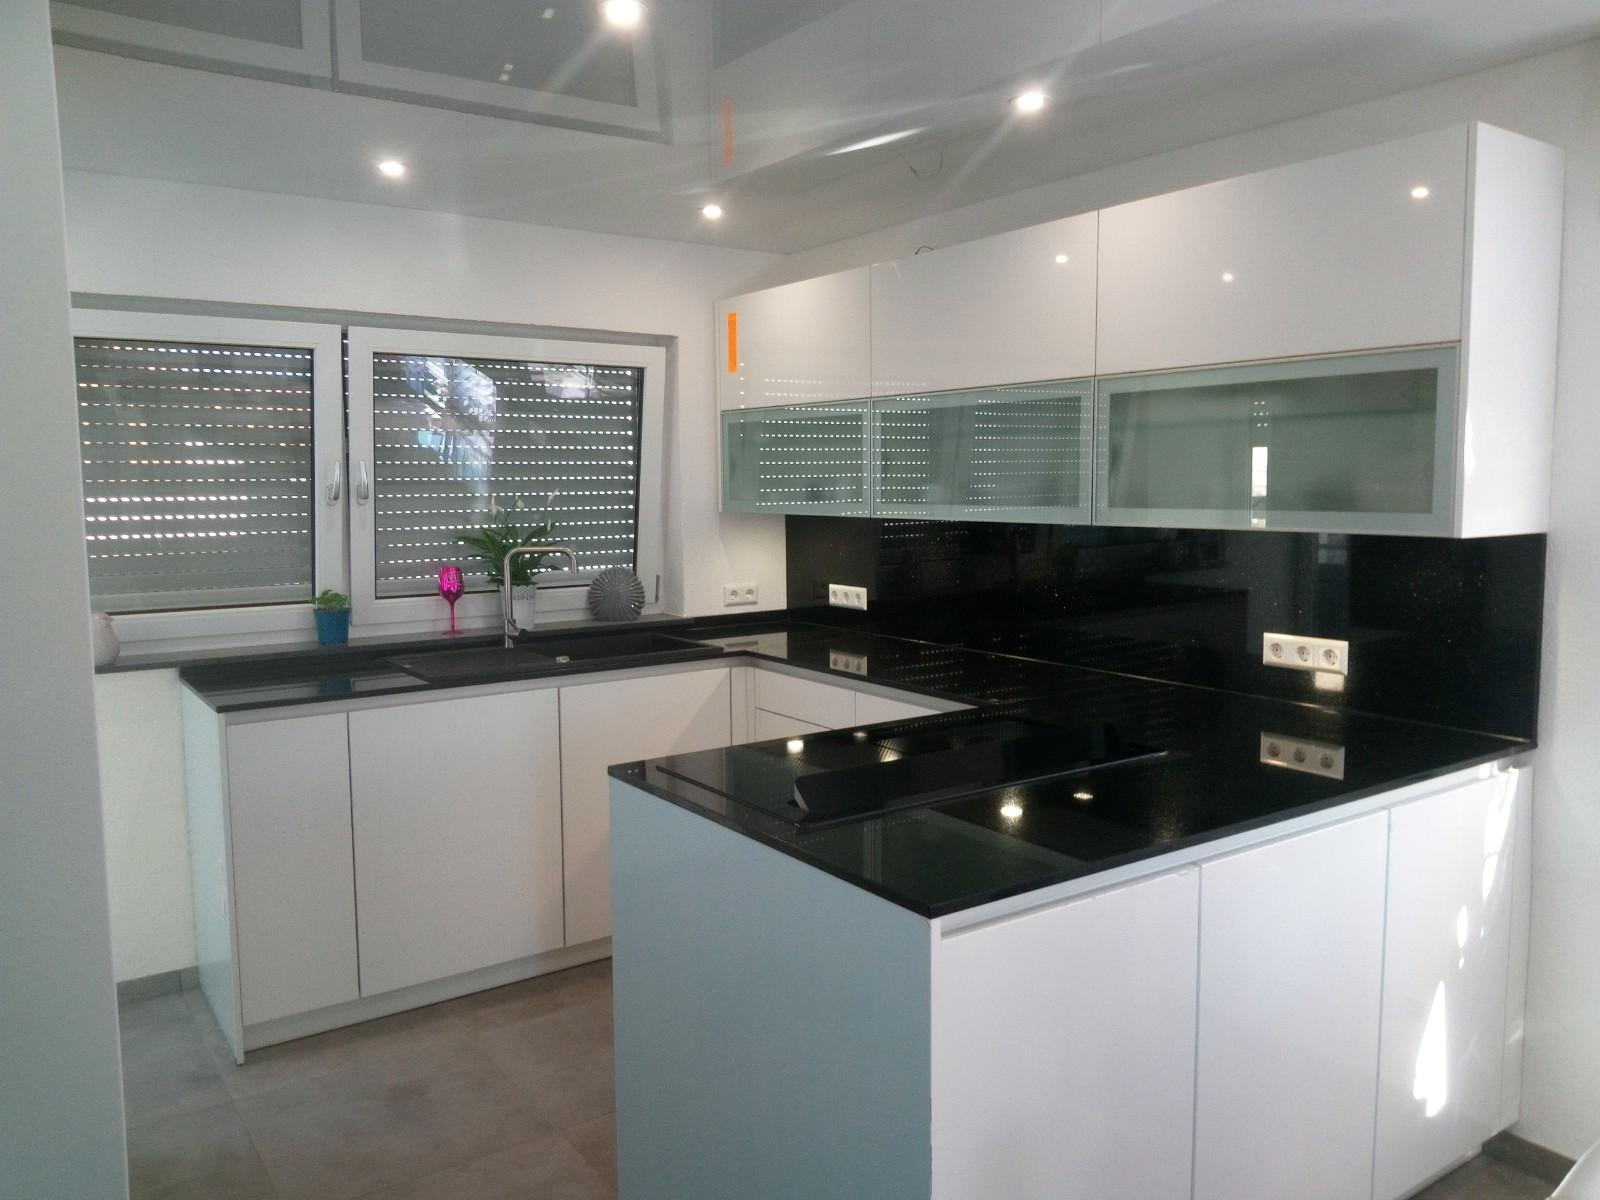 Neue Küchenarbeitsplatte und Küchenspiegel für einen Privatkunden in Stuttgart